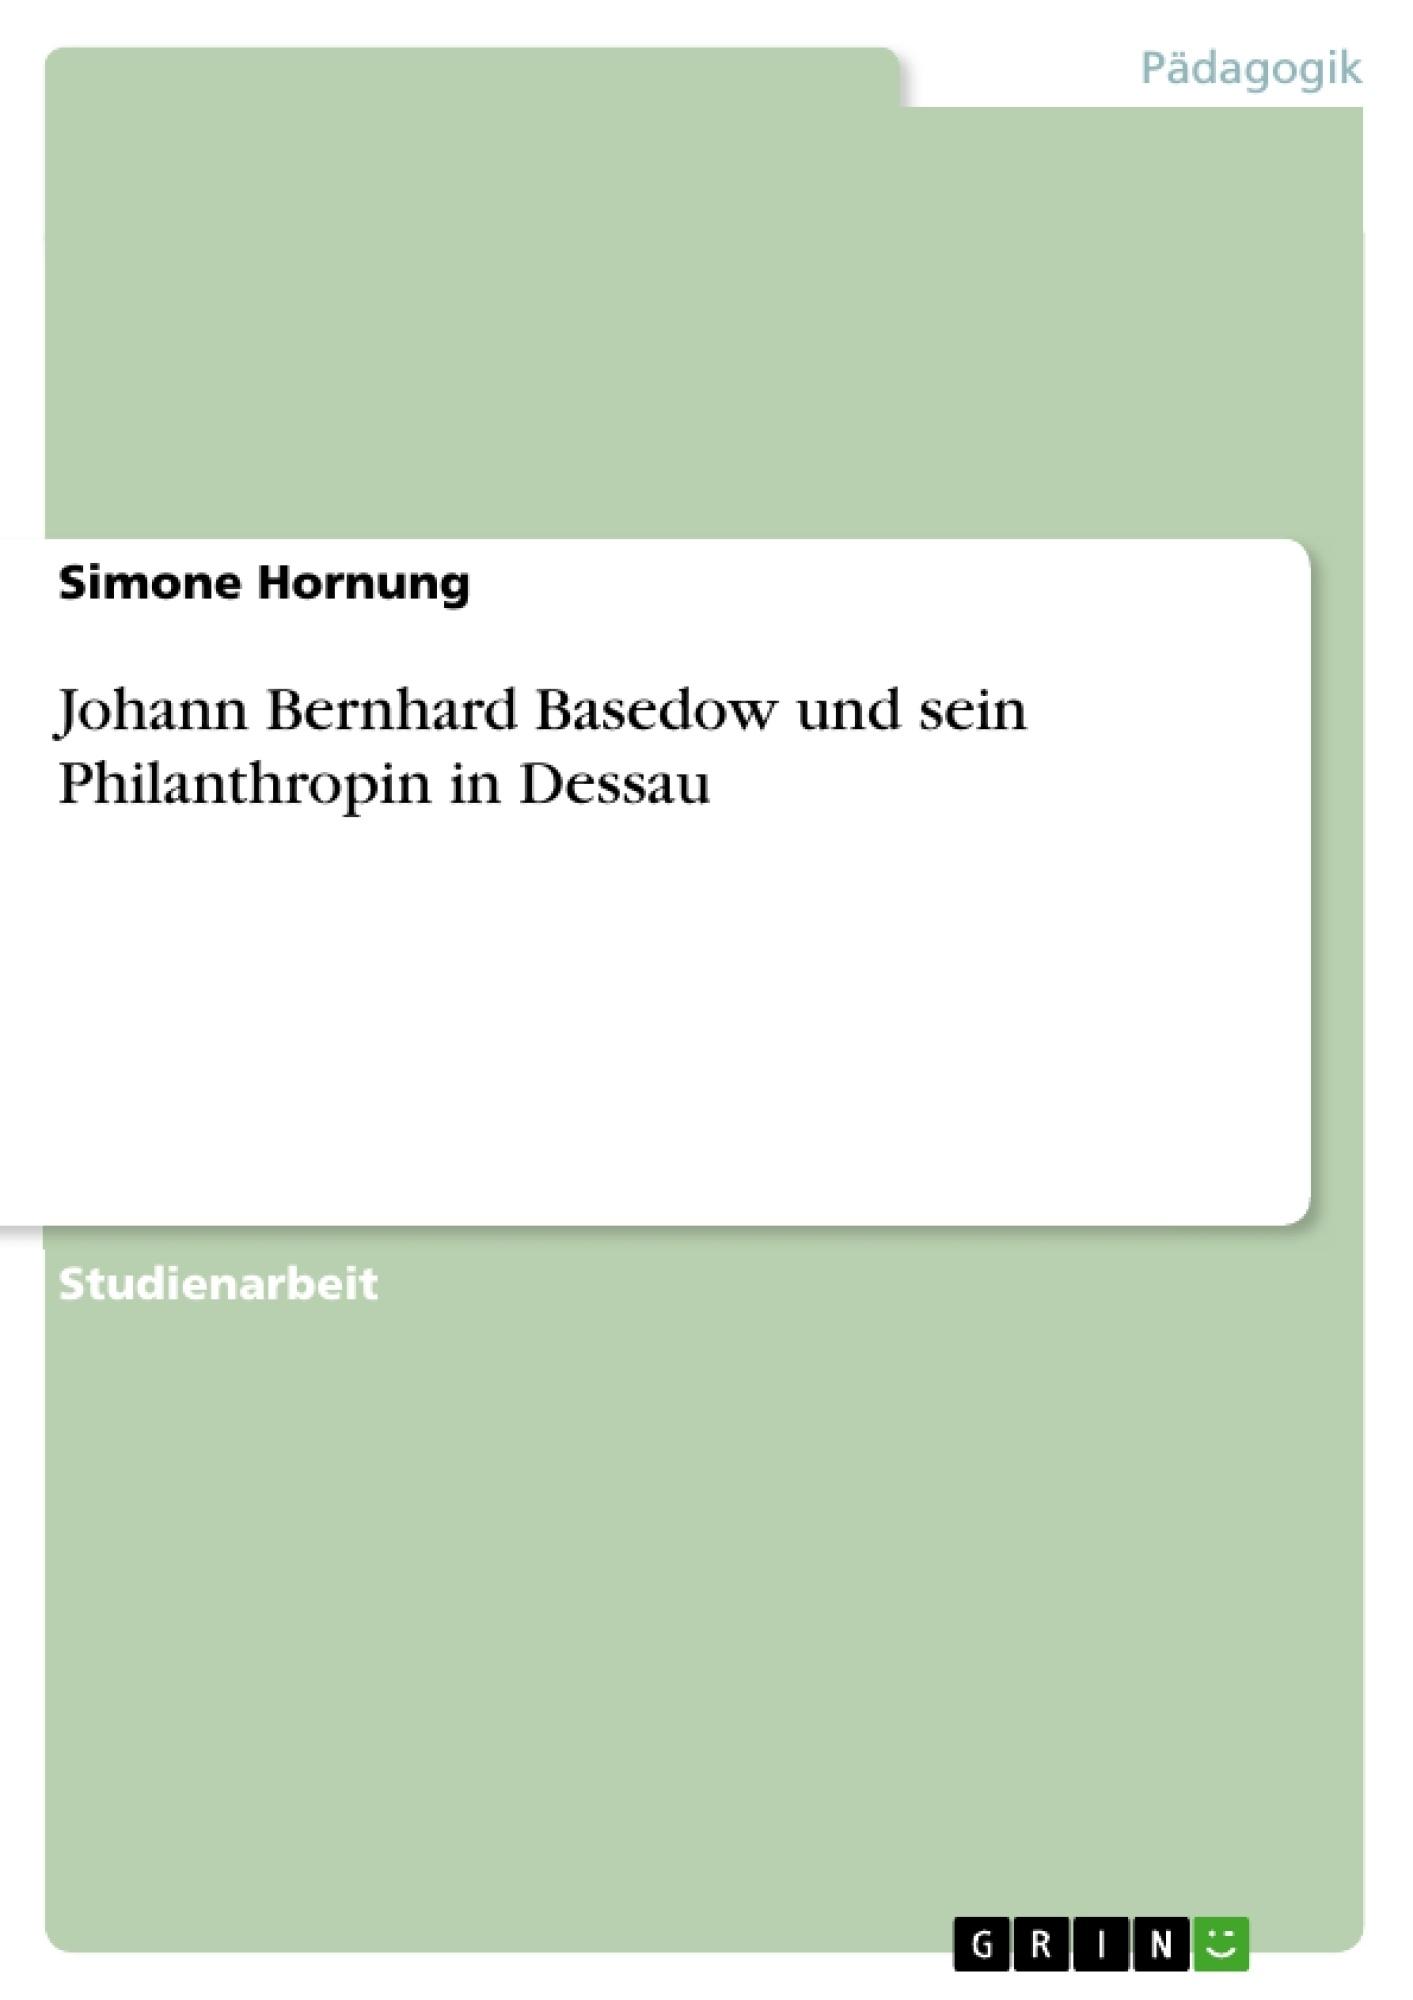 Titel: Johann Bernhard Basedow und sein Philanthropin in Dessau